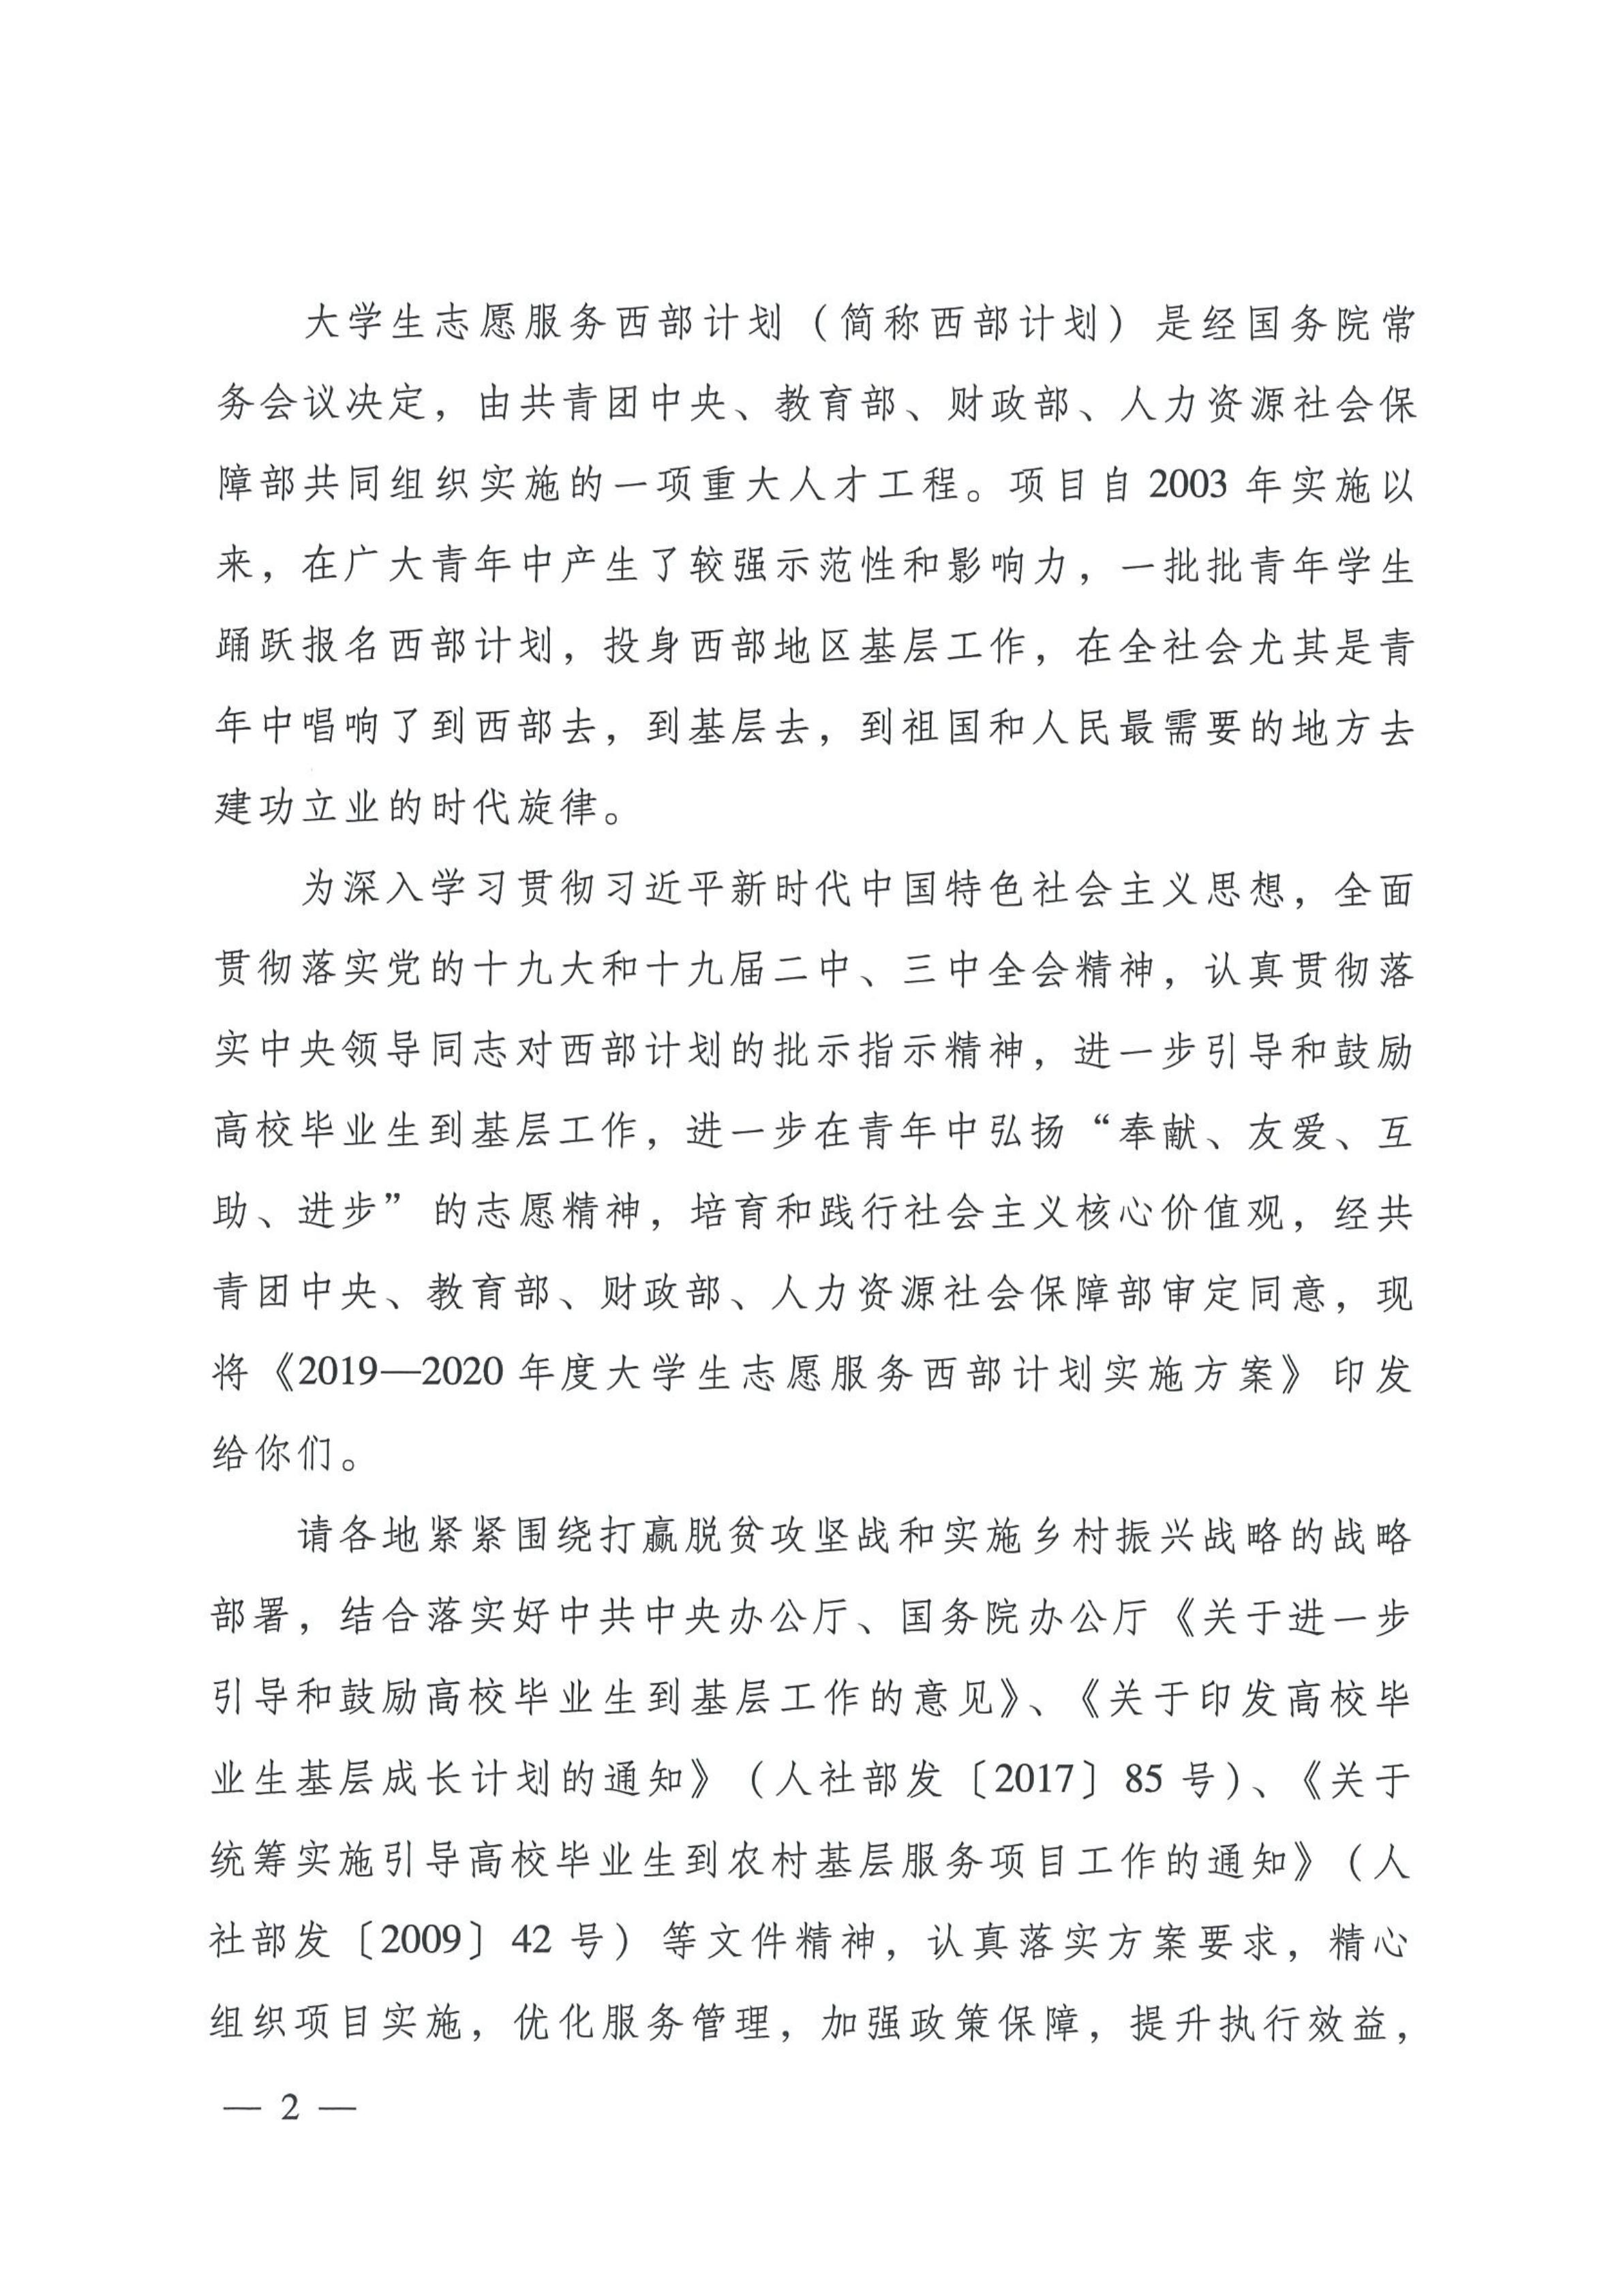 7-晋科院团[2019]7号-关于转发共青团中央《关于印发2019-2020年度大学生志愿服务西部计划实施方案》的通知》的通知_02.png